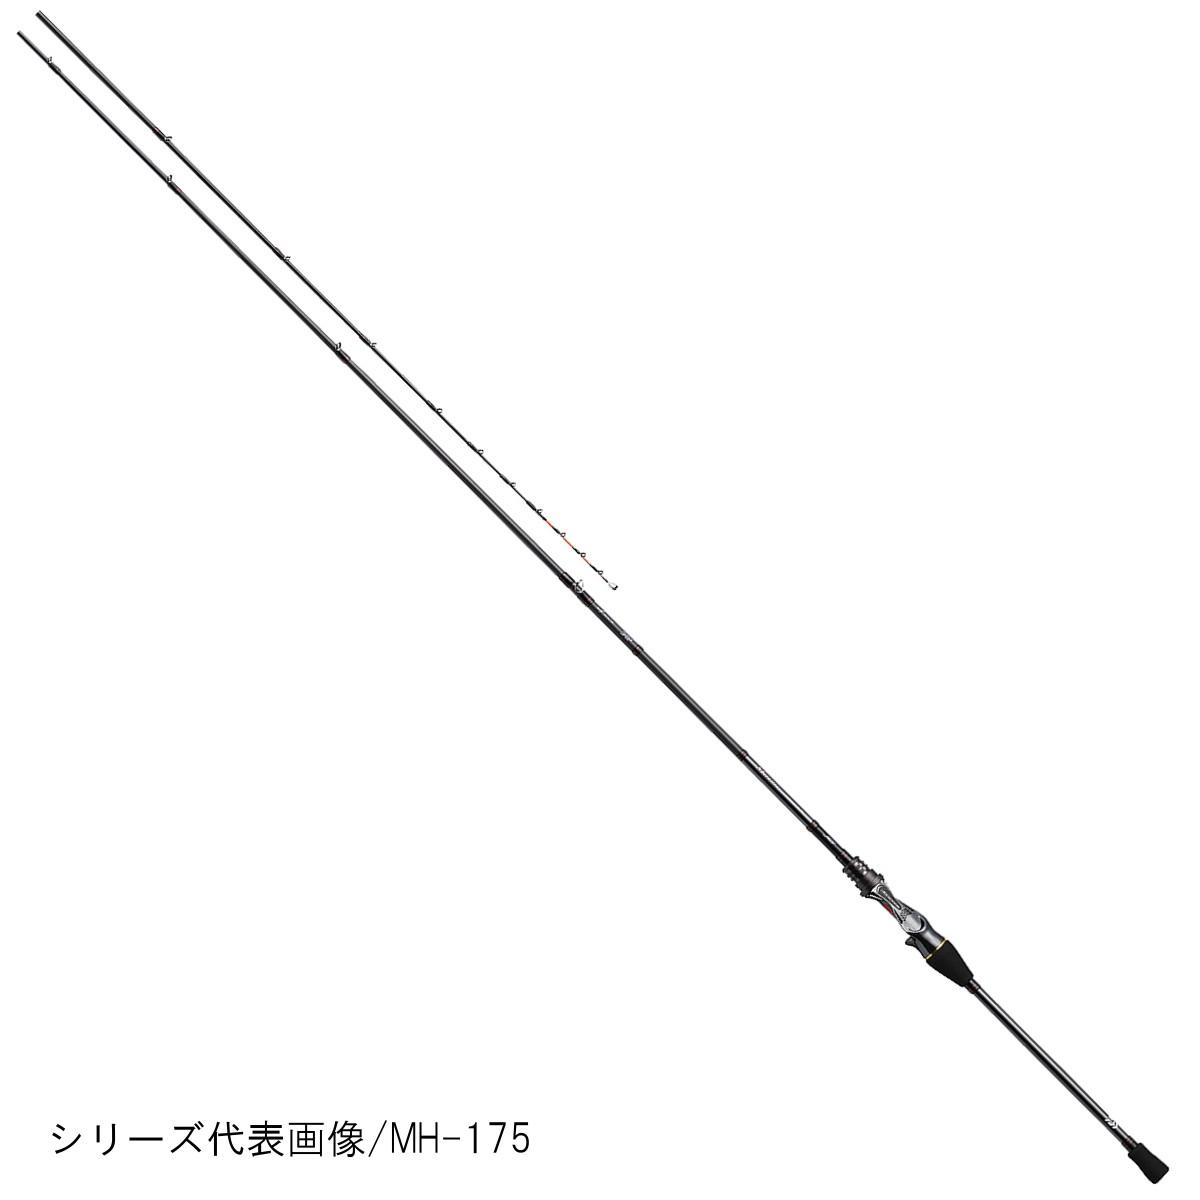 メタリア カワハギ MHH-175-2 ダイワ【同梱不可】